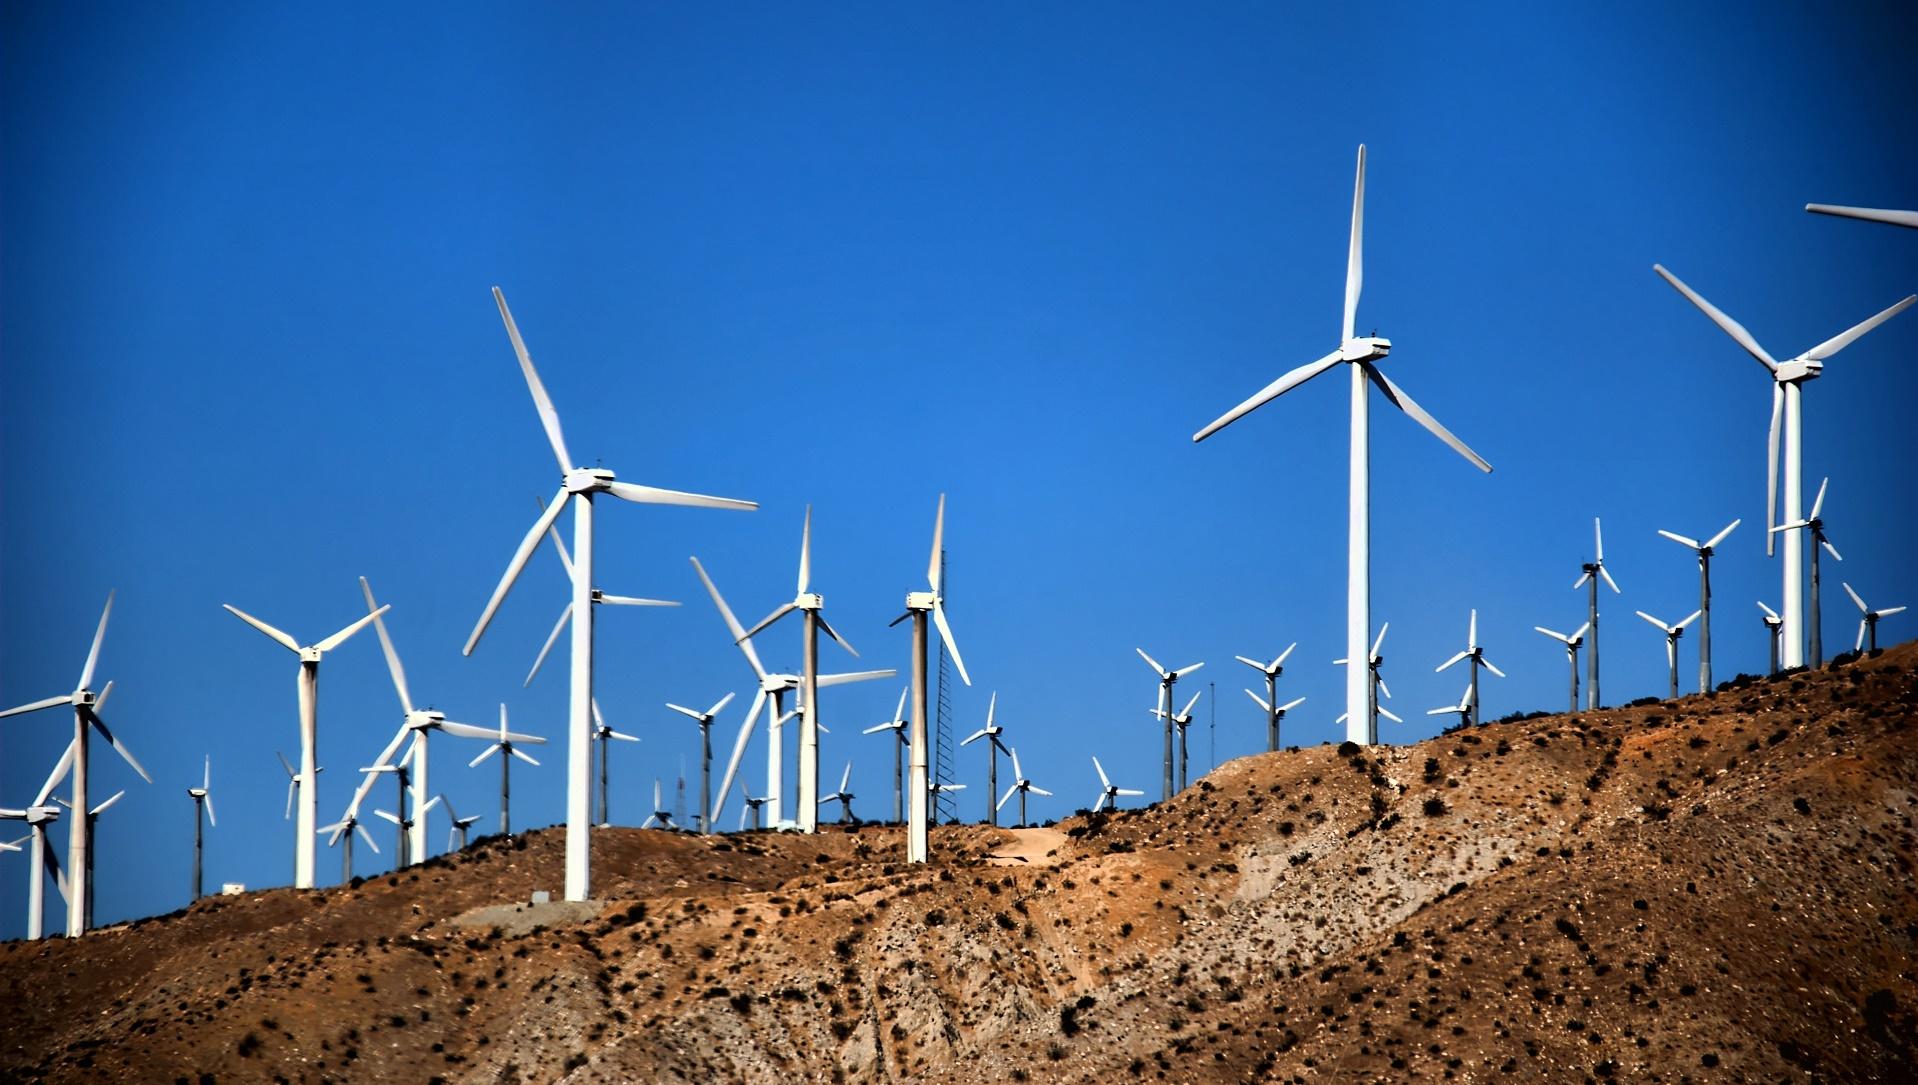 Costa Rica logra potenciarse exclusivamente con renovables durante 300 días